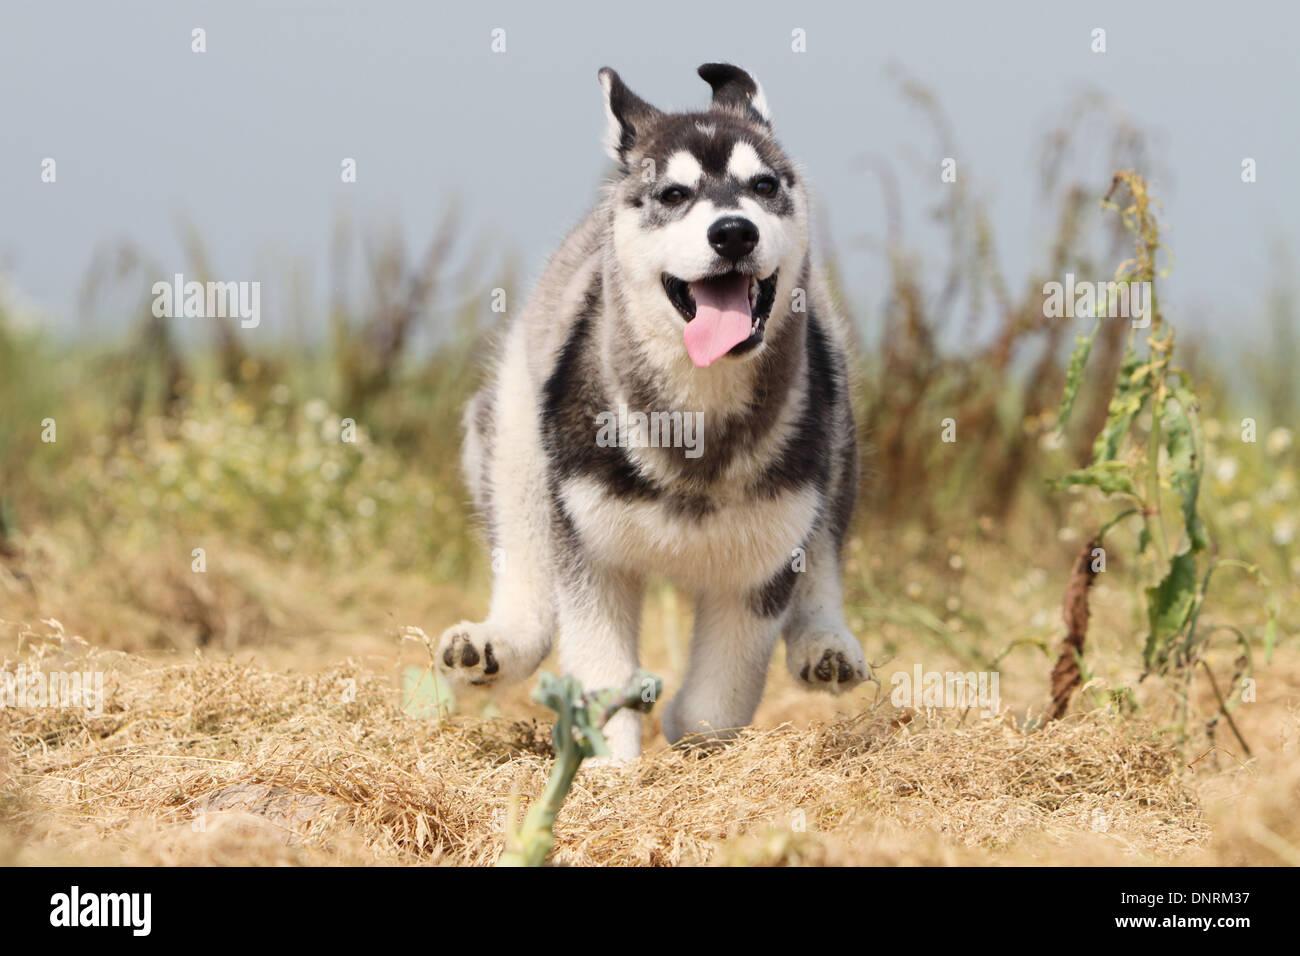 Tolle Siberian Husky Ausmalbilder Bilder - Beispielzusammenfassung ...